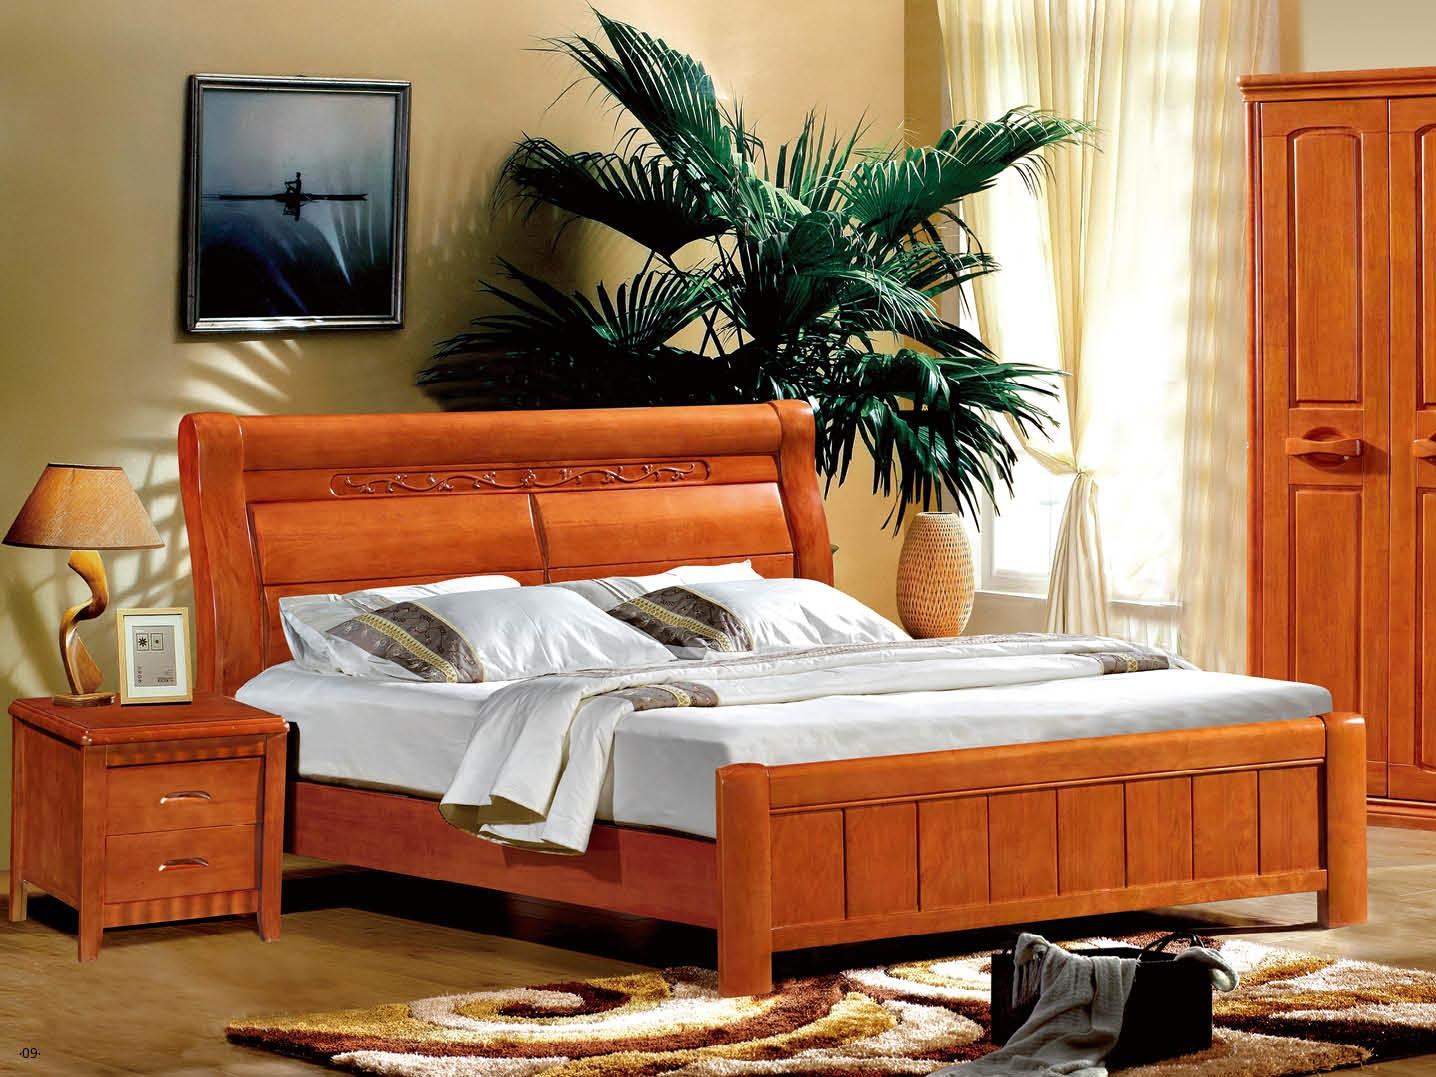 成套家具-南康橡木卧室家具3件套家具v家具一打套房效果图图片